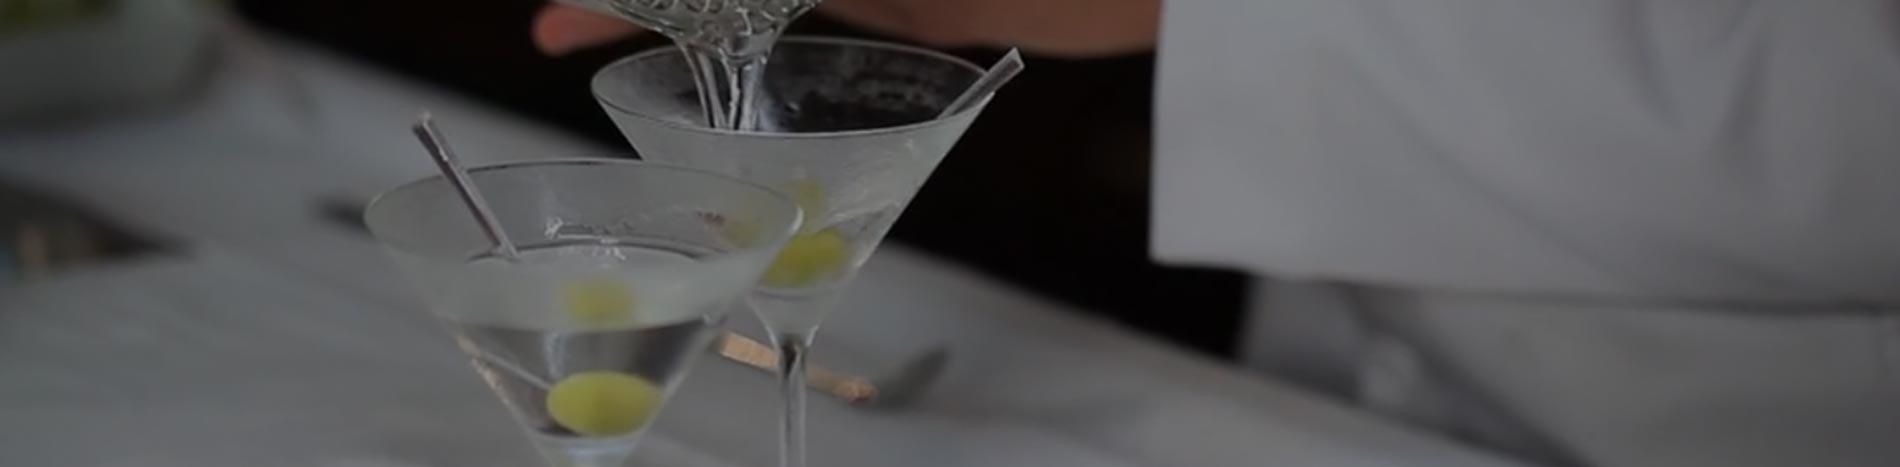 Cocktail Tecnica Javier de las Muelas